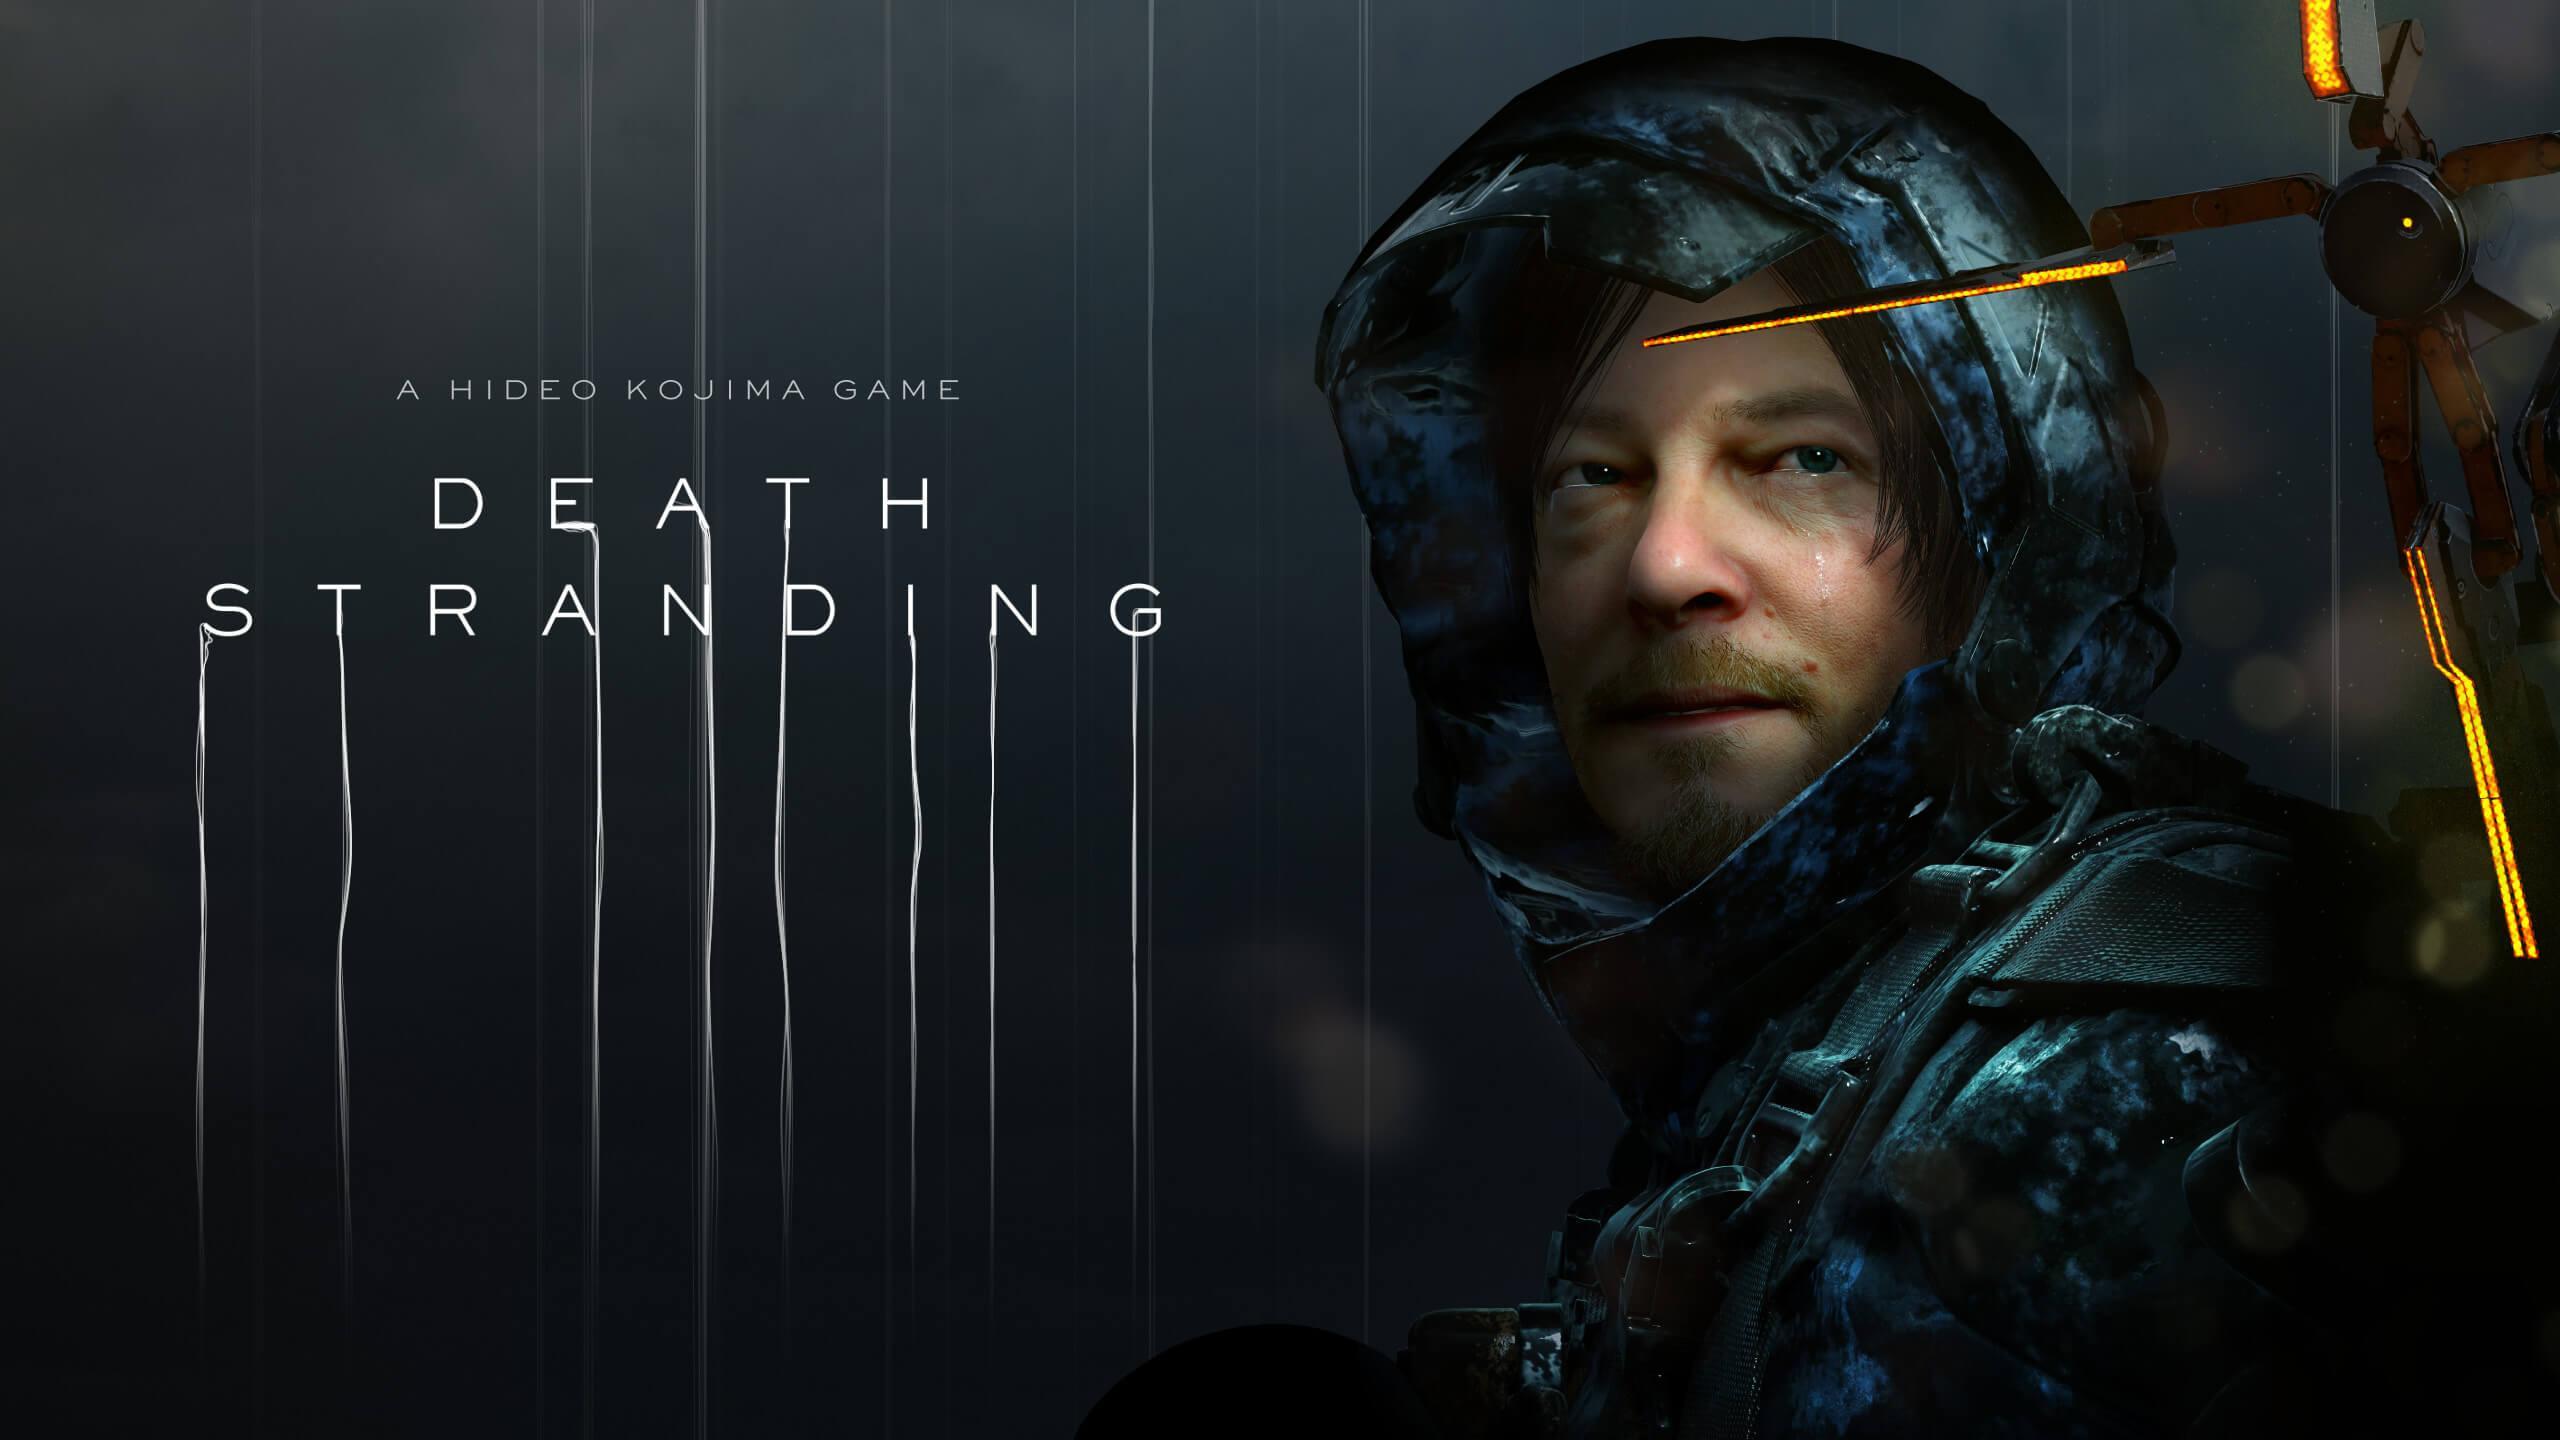 Обзор артбука «Мир игры Death Stranding» - Сквозь грязь и слякоть 23